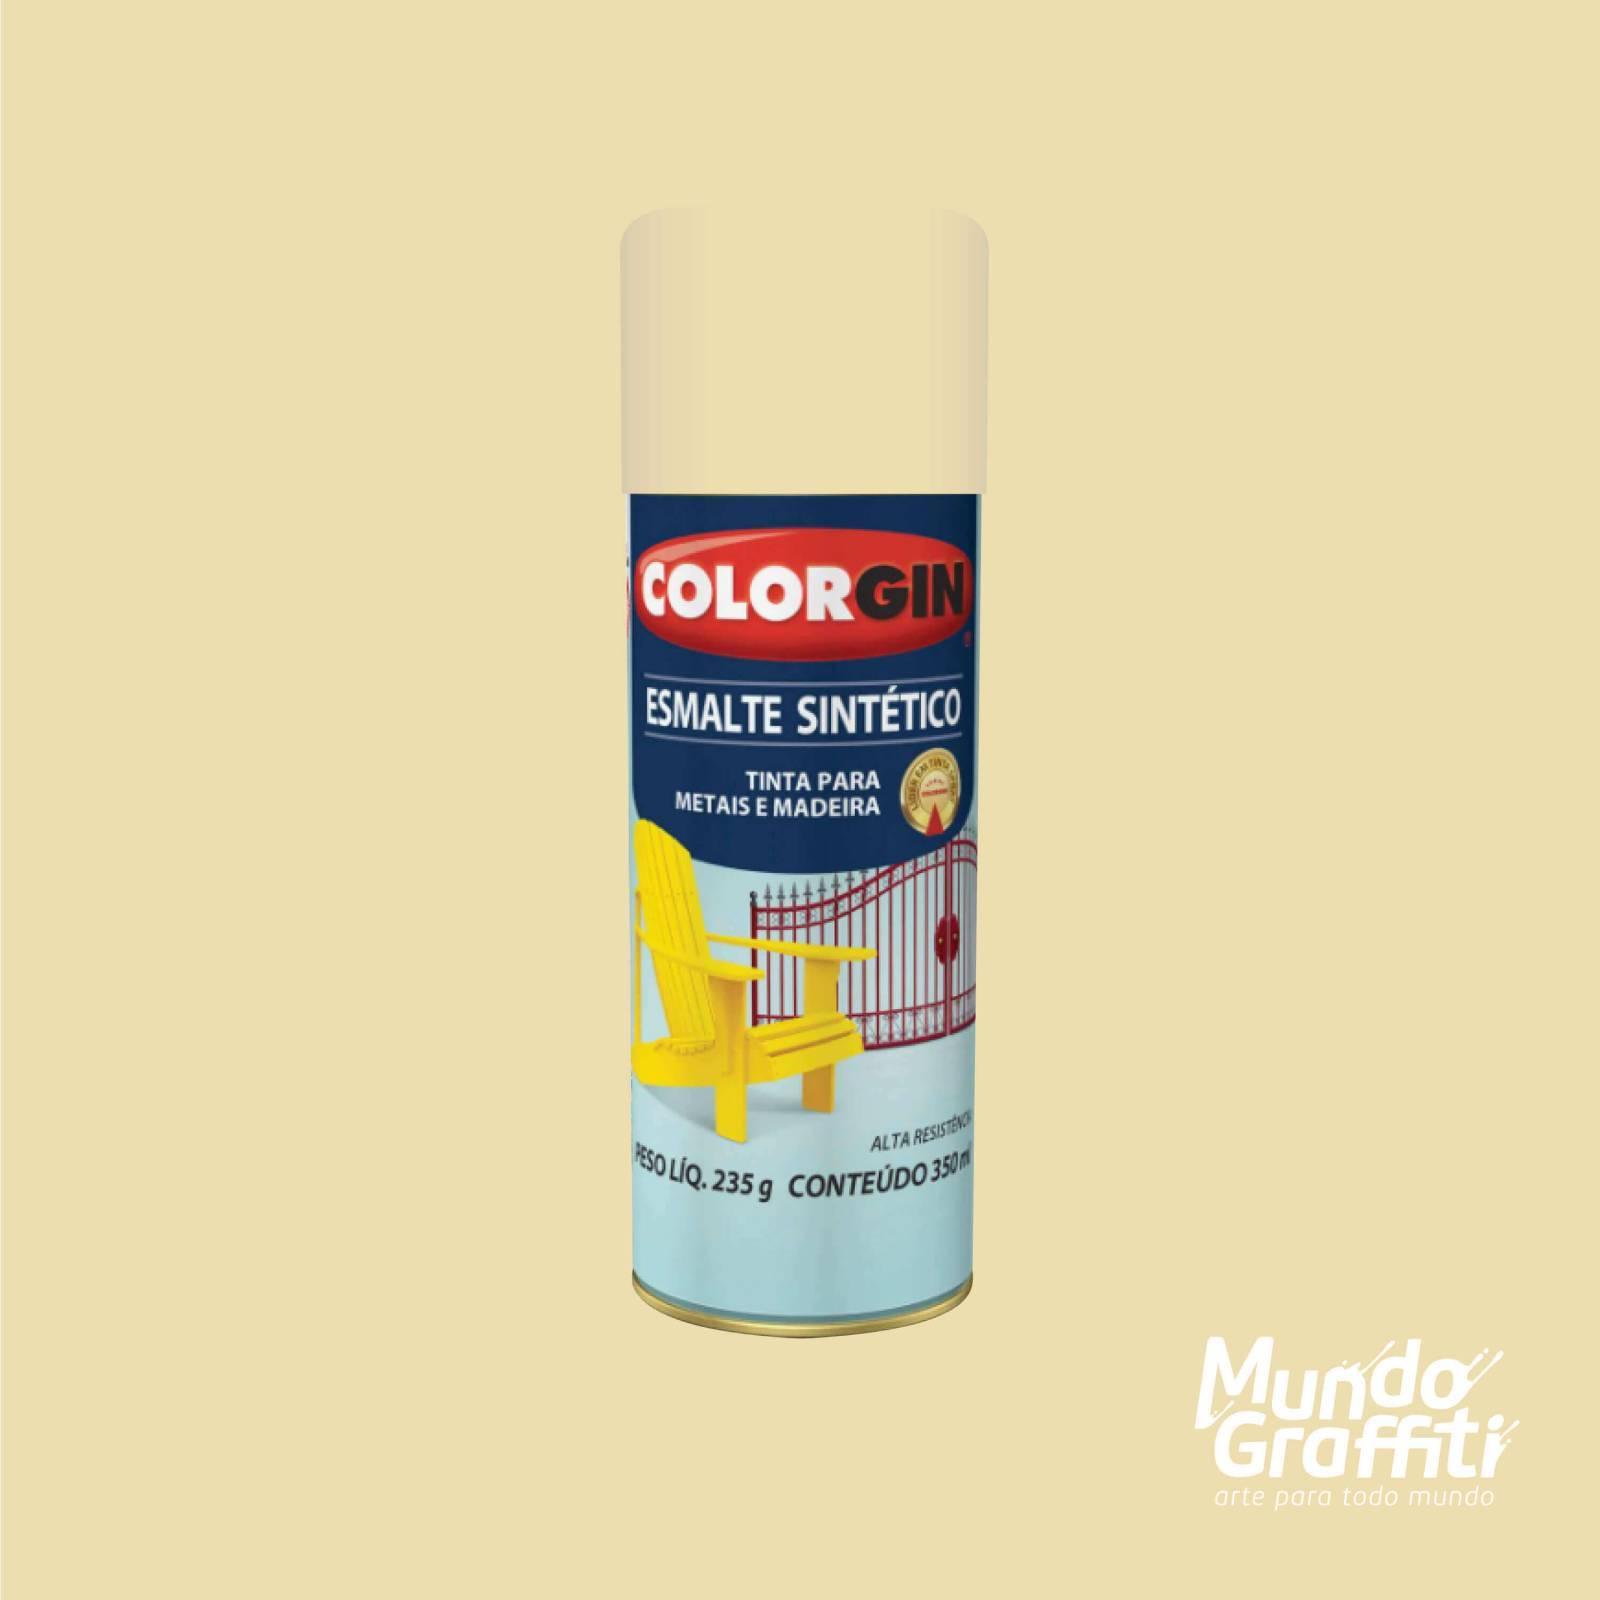 Esmalte Sintetico 750 Areia 350ml Colorgin - Mundo Graffiti